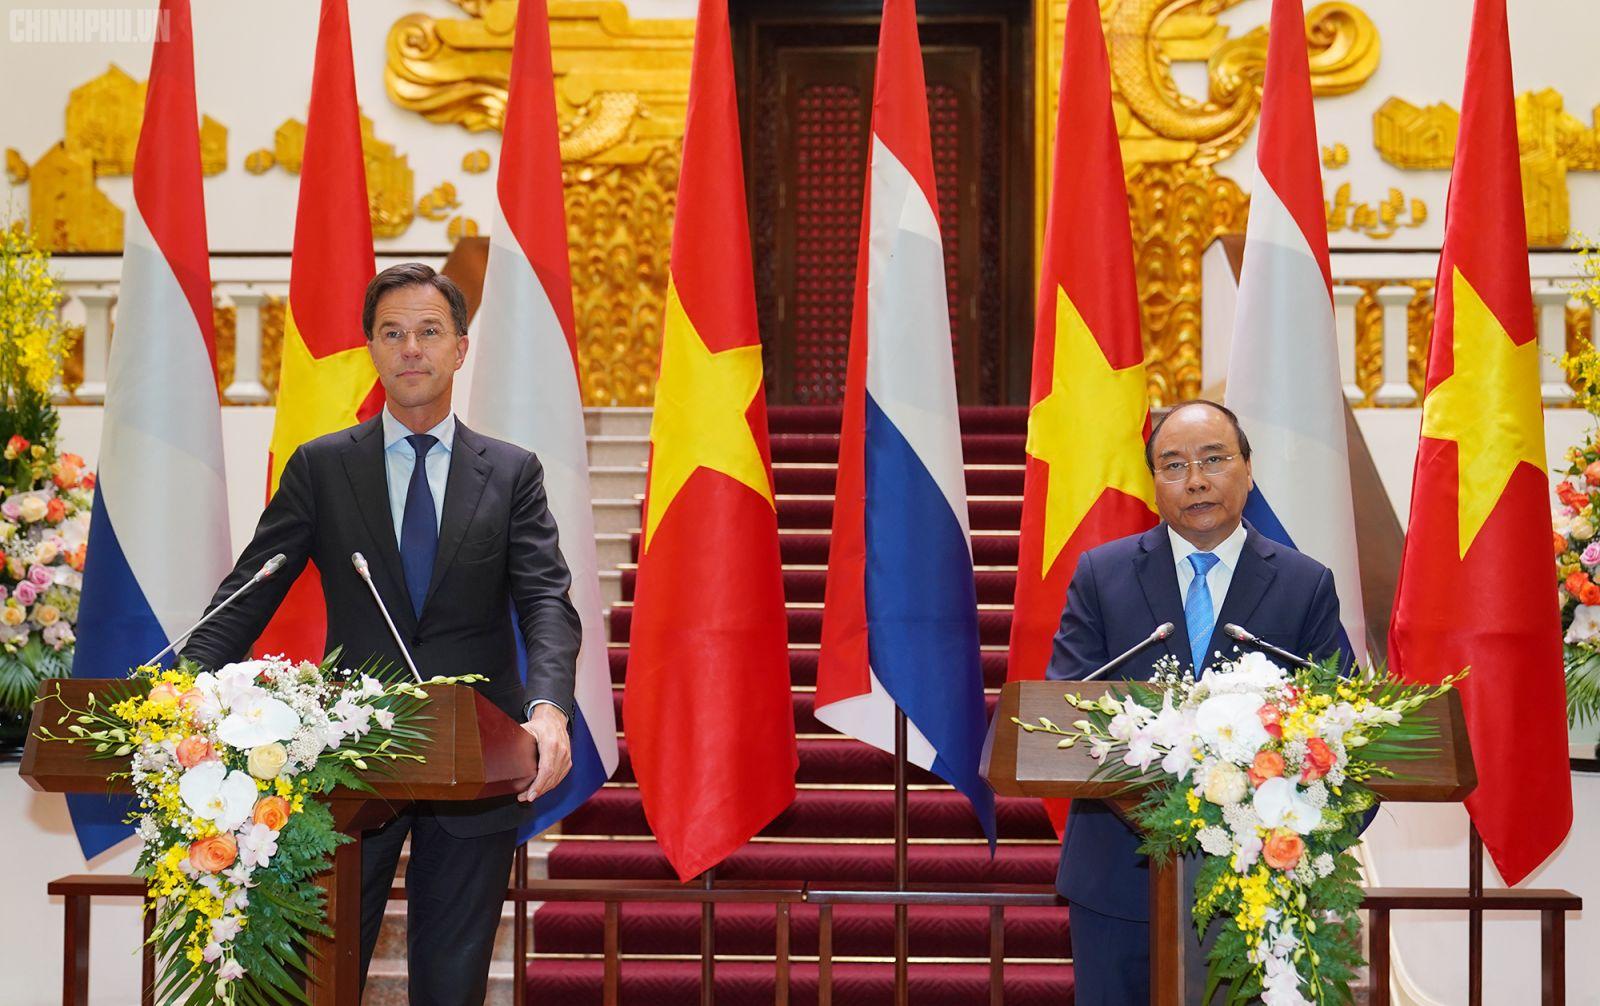 Thủ tướng Nguyễn Xuân Phúc và Thủ tướng Hà Lan Mark Rutte gặp gỡ báo chí chung sau hội đàm giữa hai bên. Ảnh: VGP/Quang Hiếu